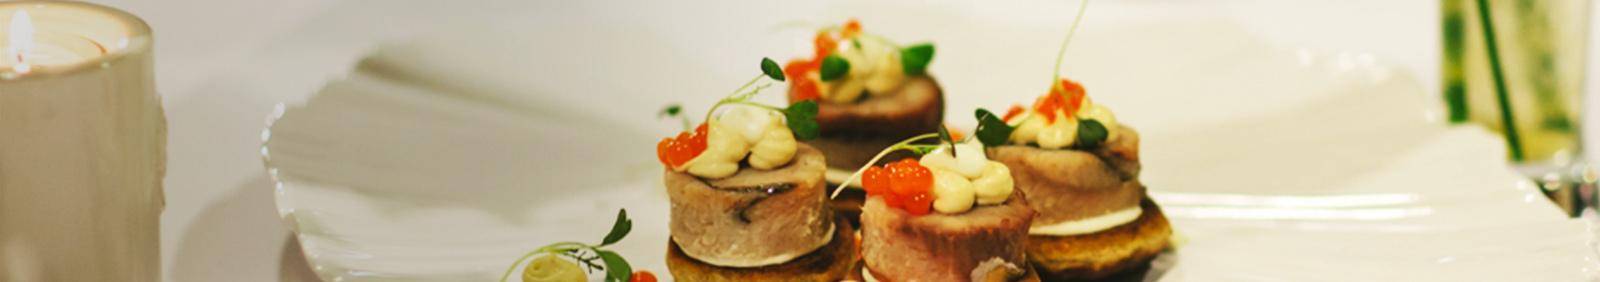 Gastronominės naujovės